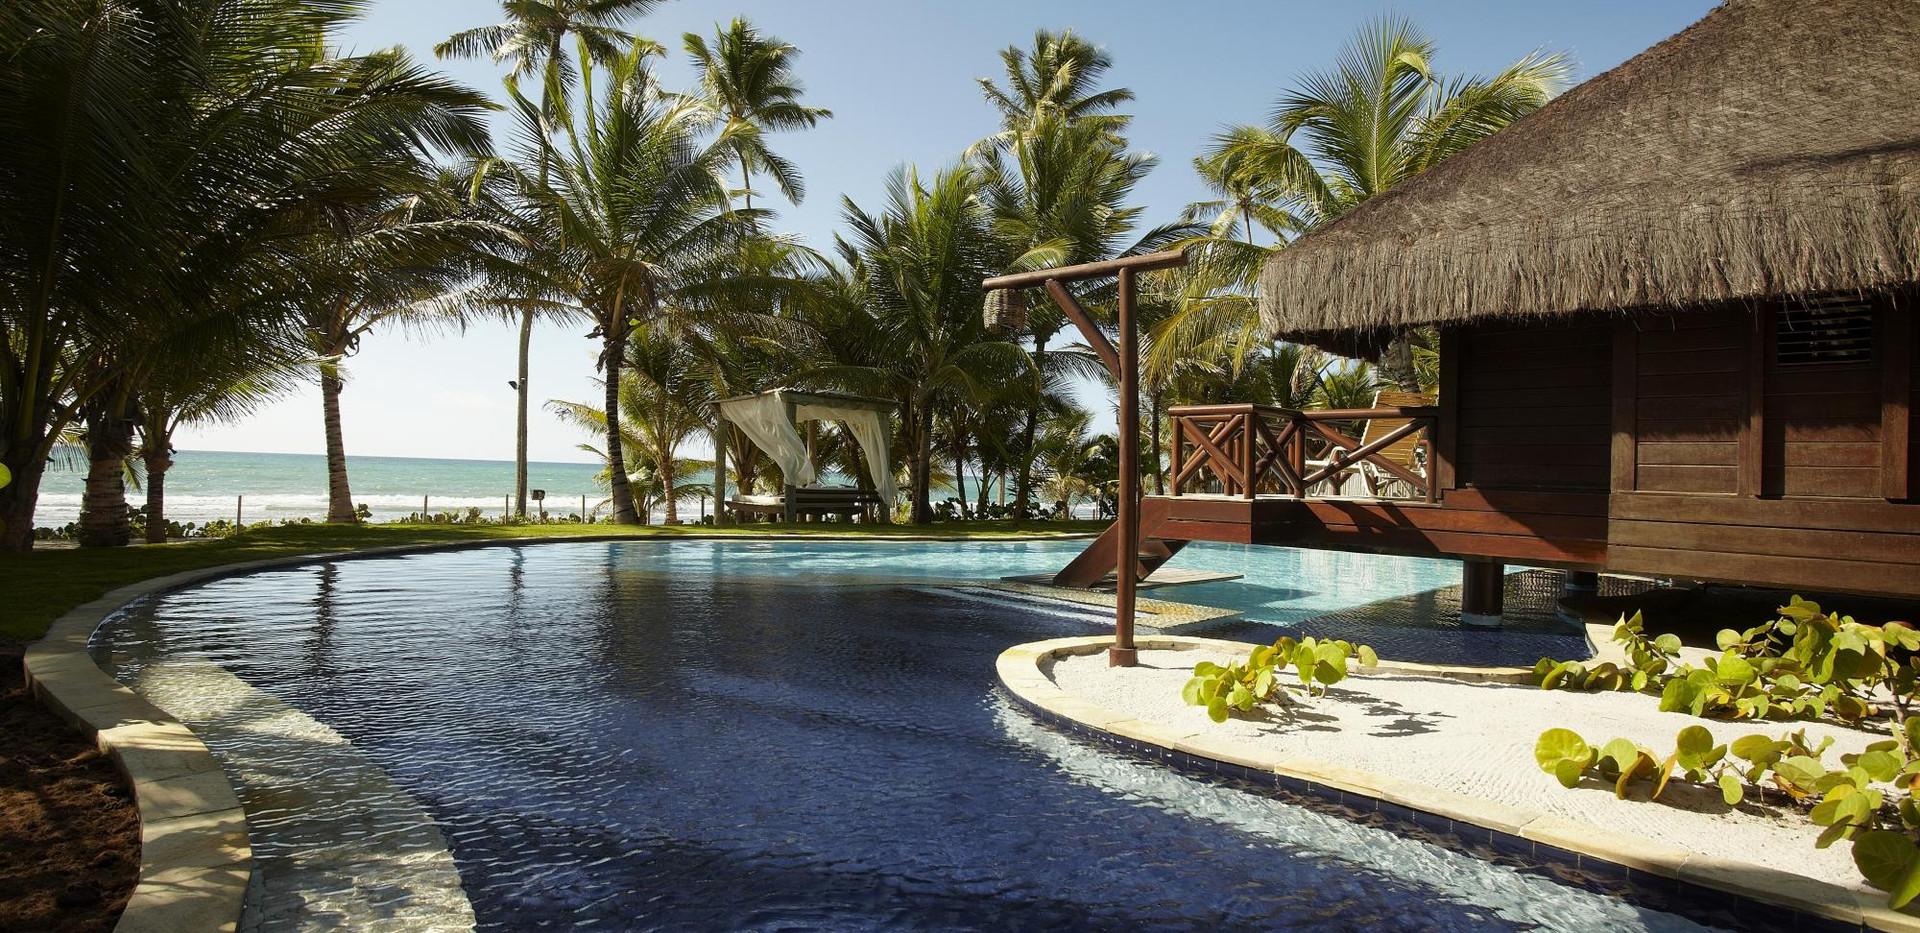 hotel-nannai-beach-resort.jpg